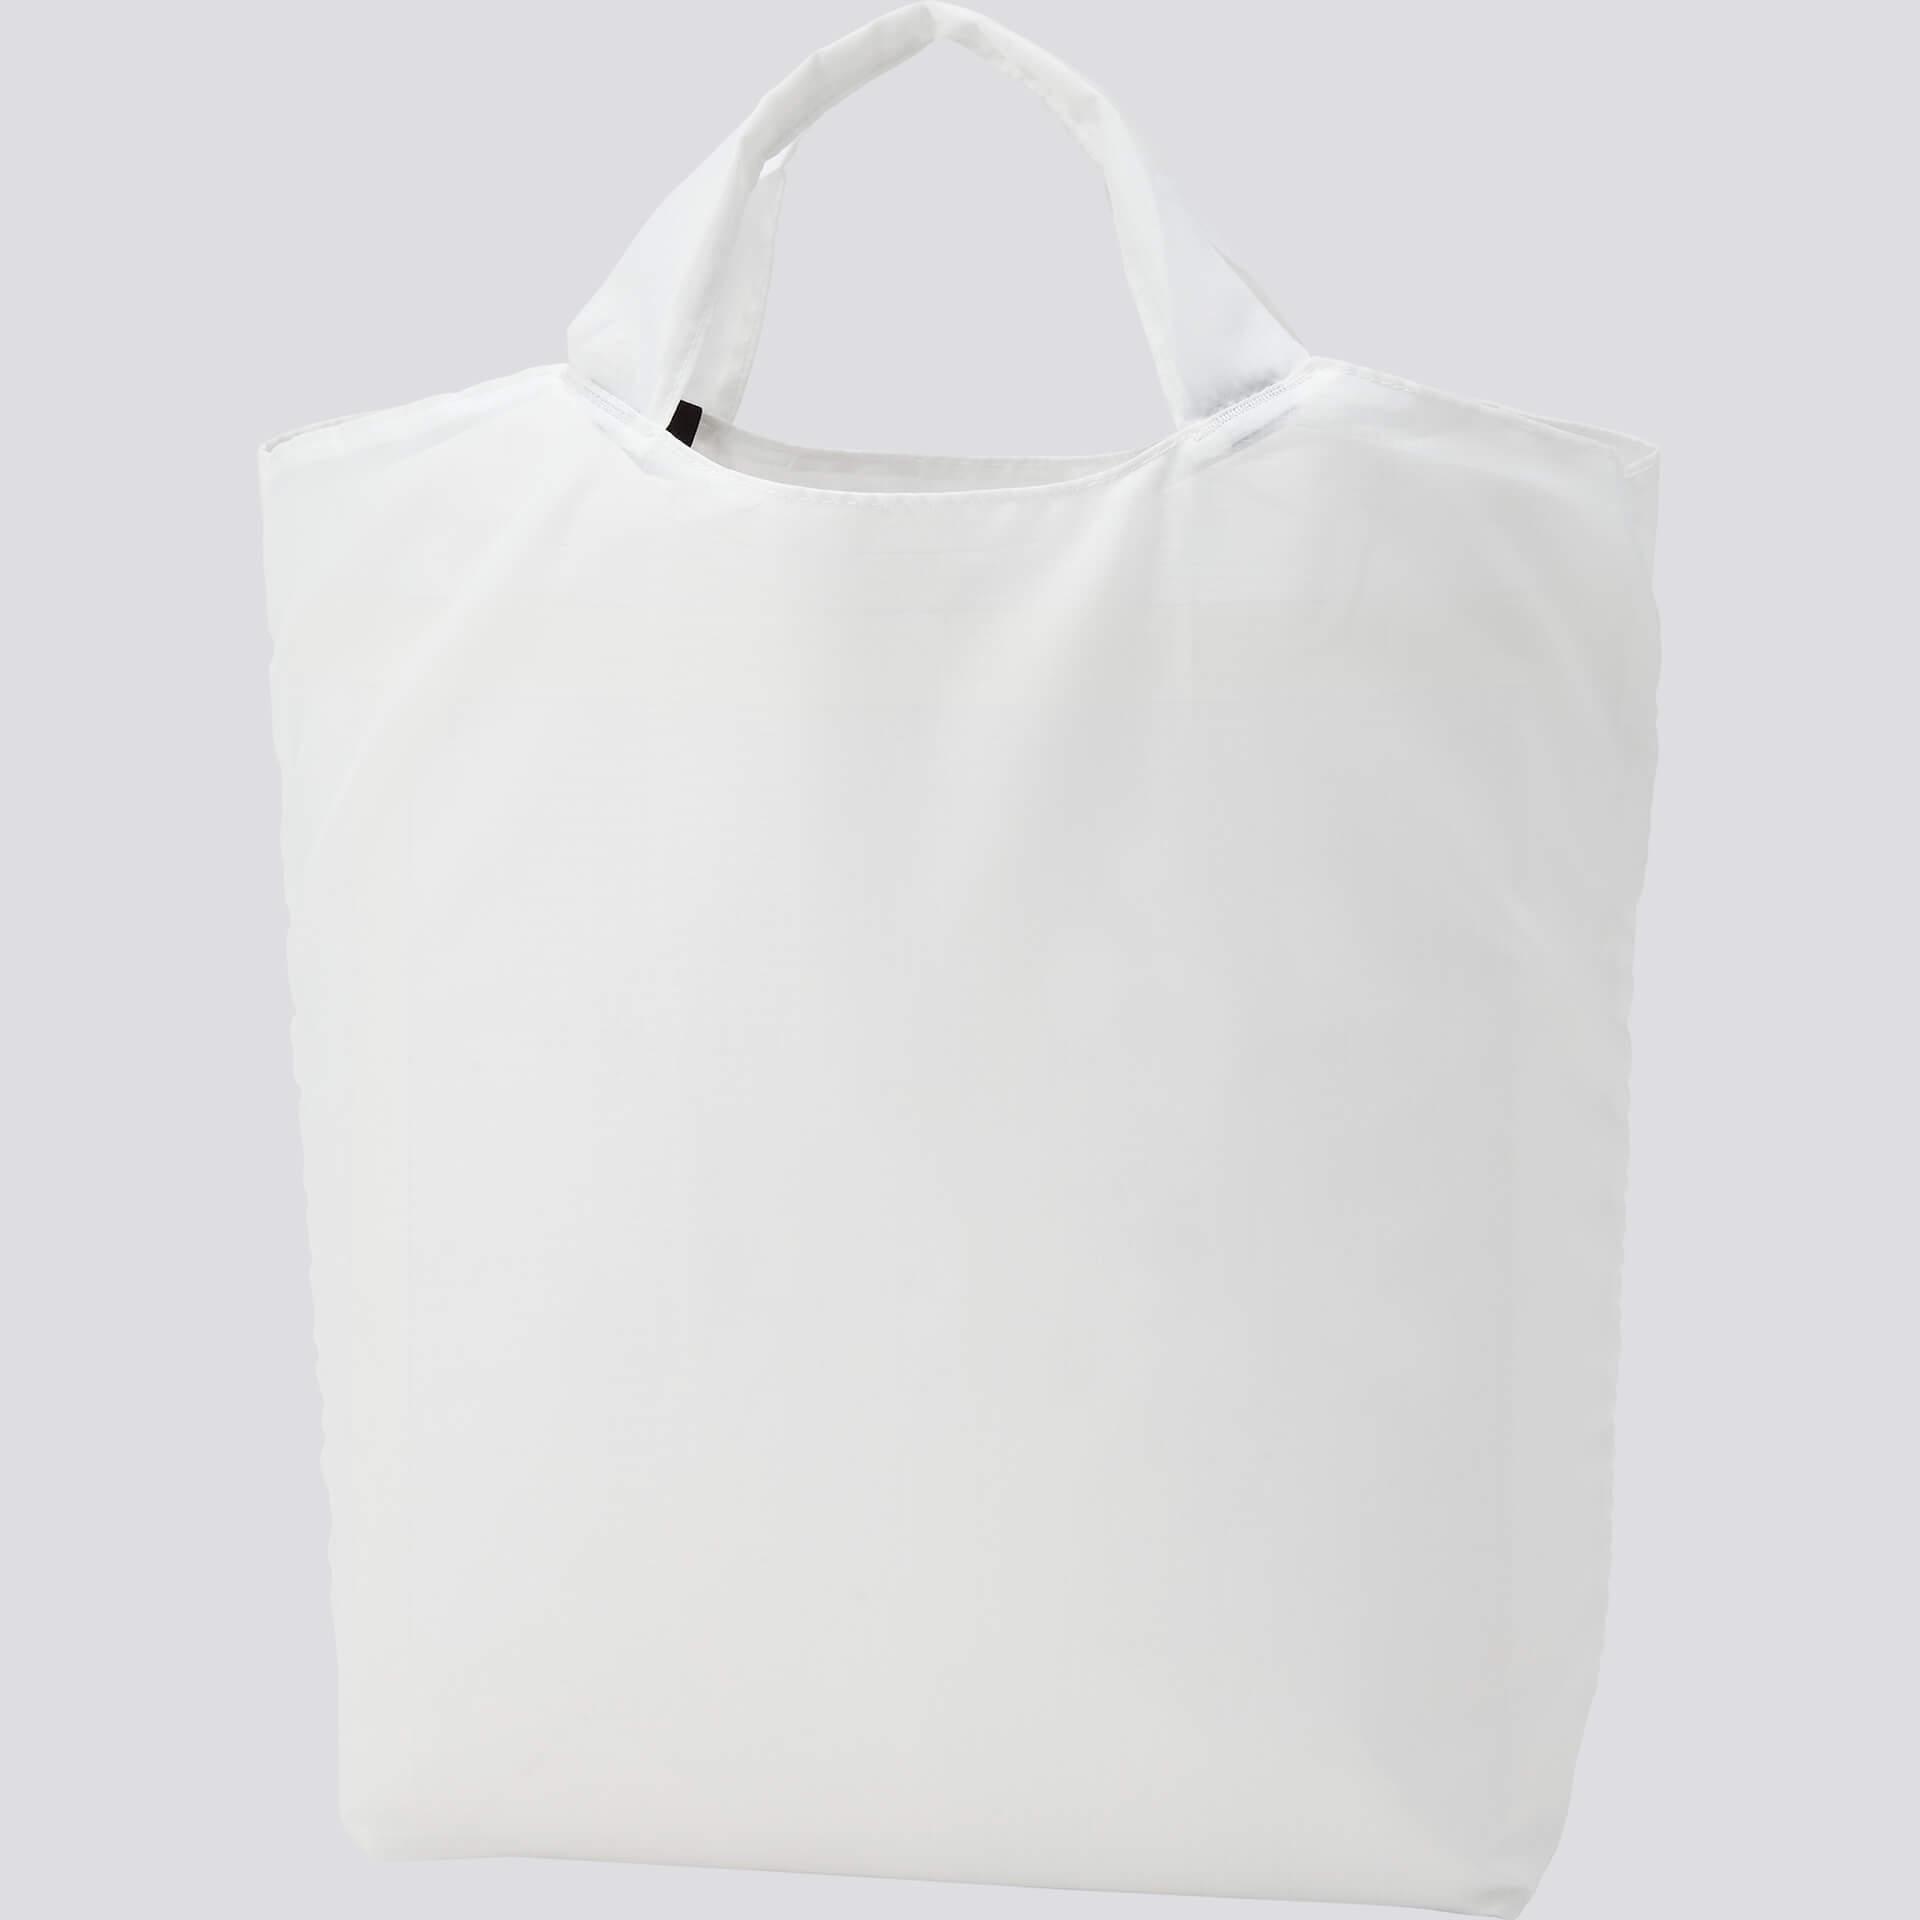 『鬼滅の刃』とユニクロ「UT」コラボ第2弾のコレクションがついに発表!着物や鍔をイメージしたバッグ&タオルも登場 life200817_kimetsu_ut_21